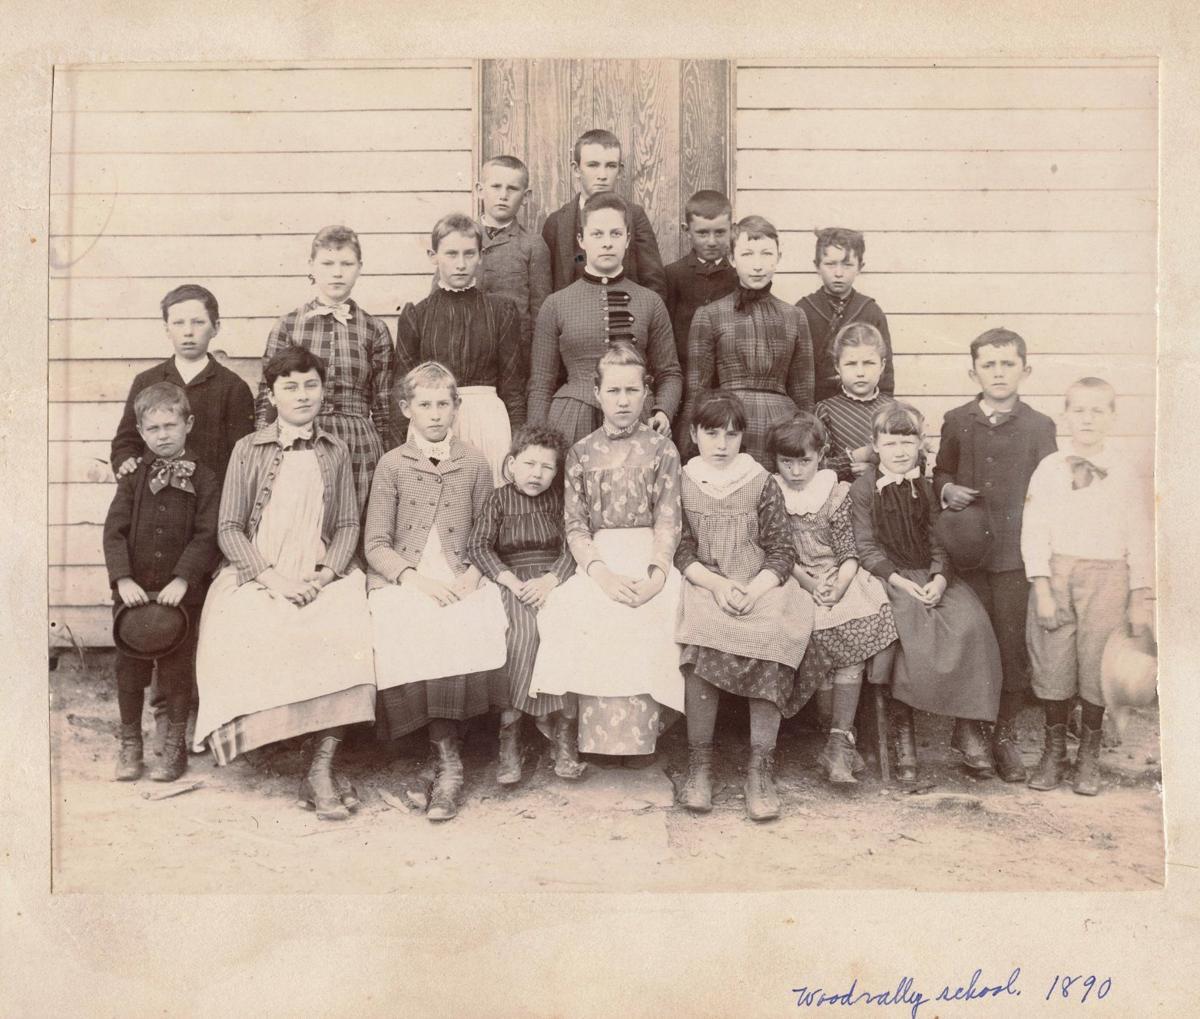 Wood Valley School